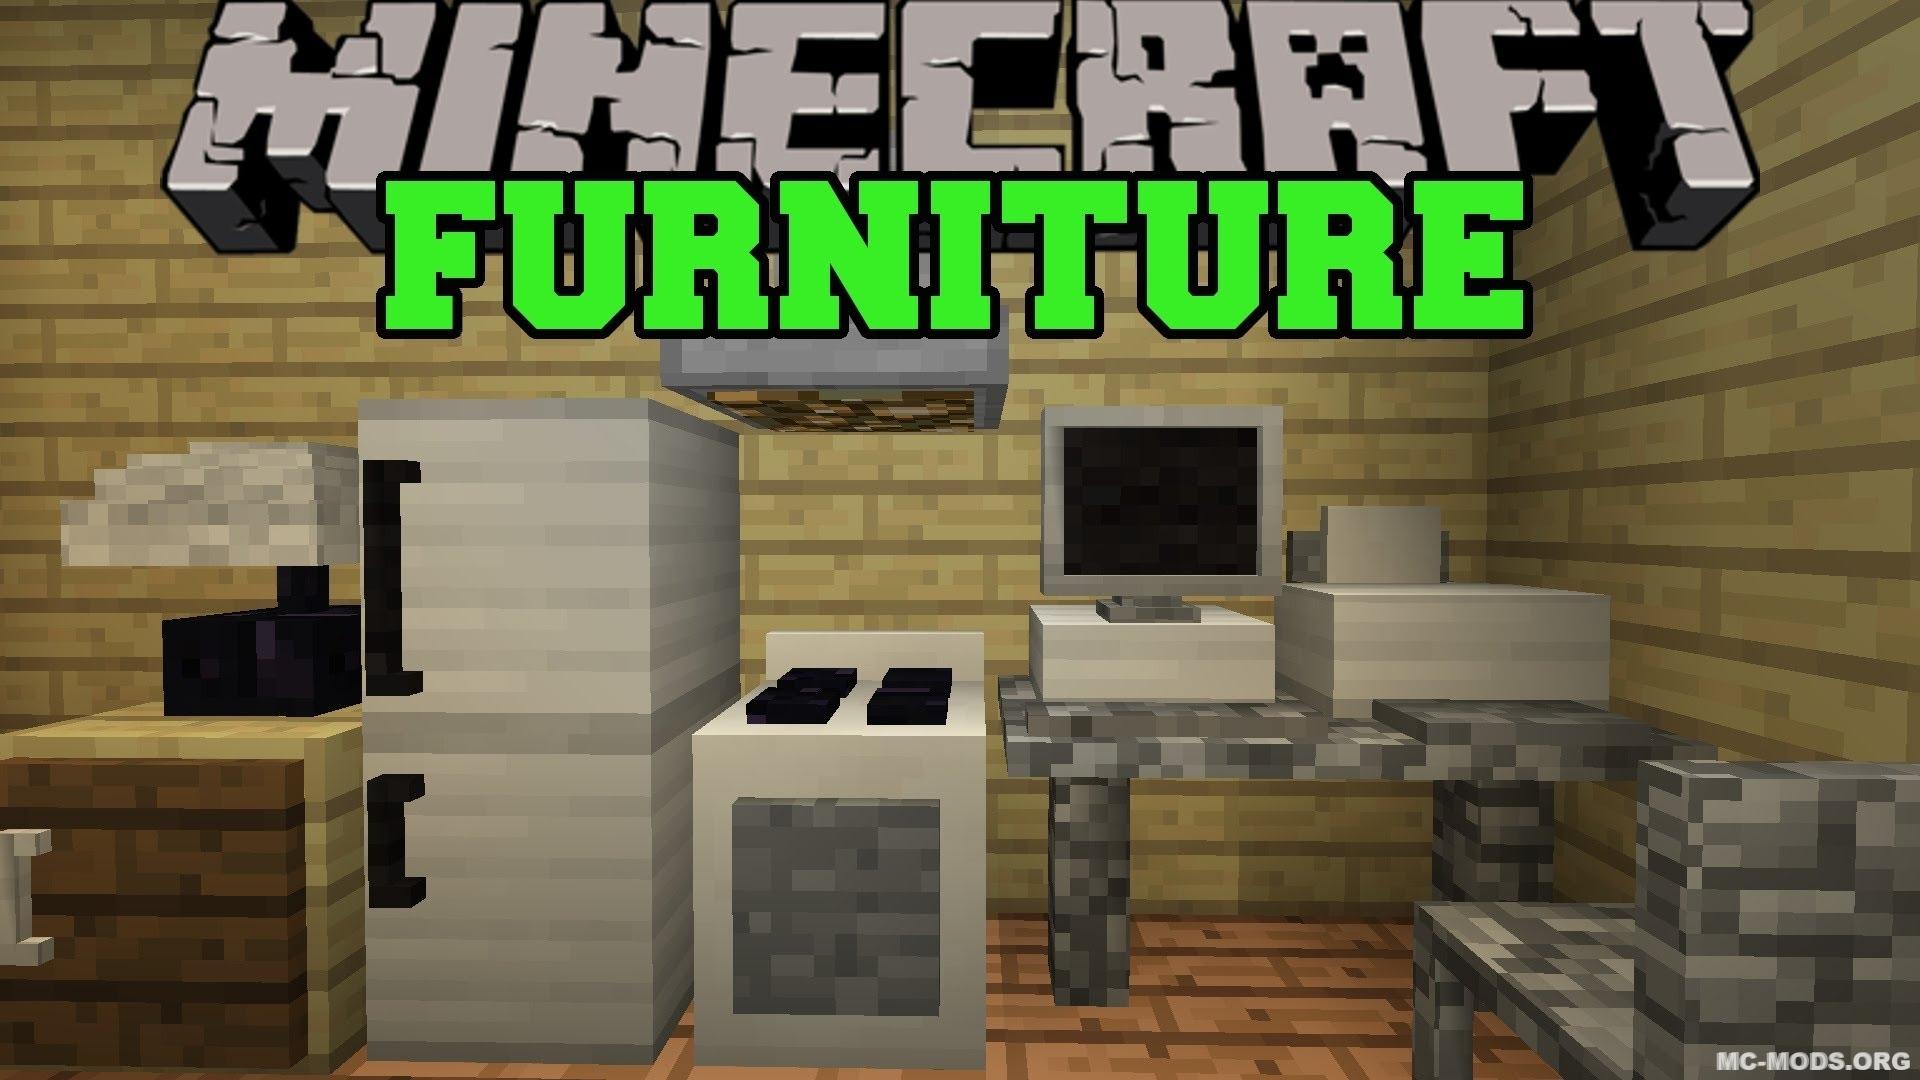 Mrcrayfishs furniture mod 1 13 1 12 2 mc mods org